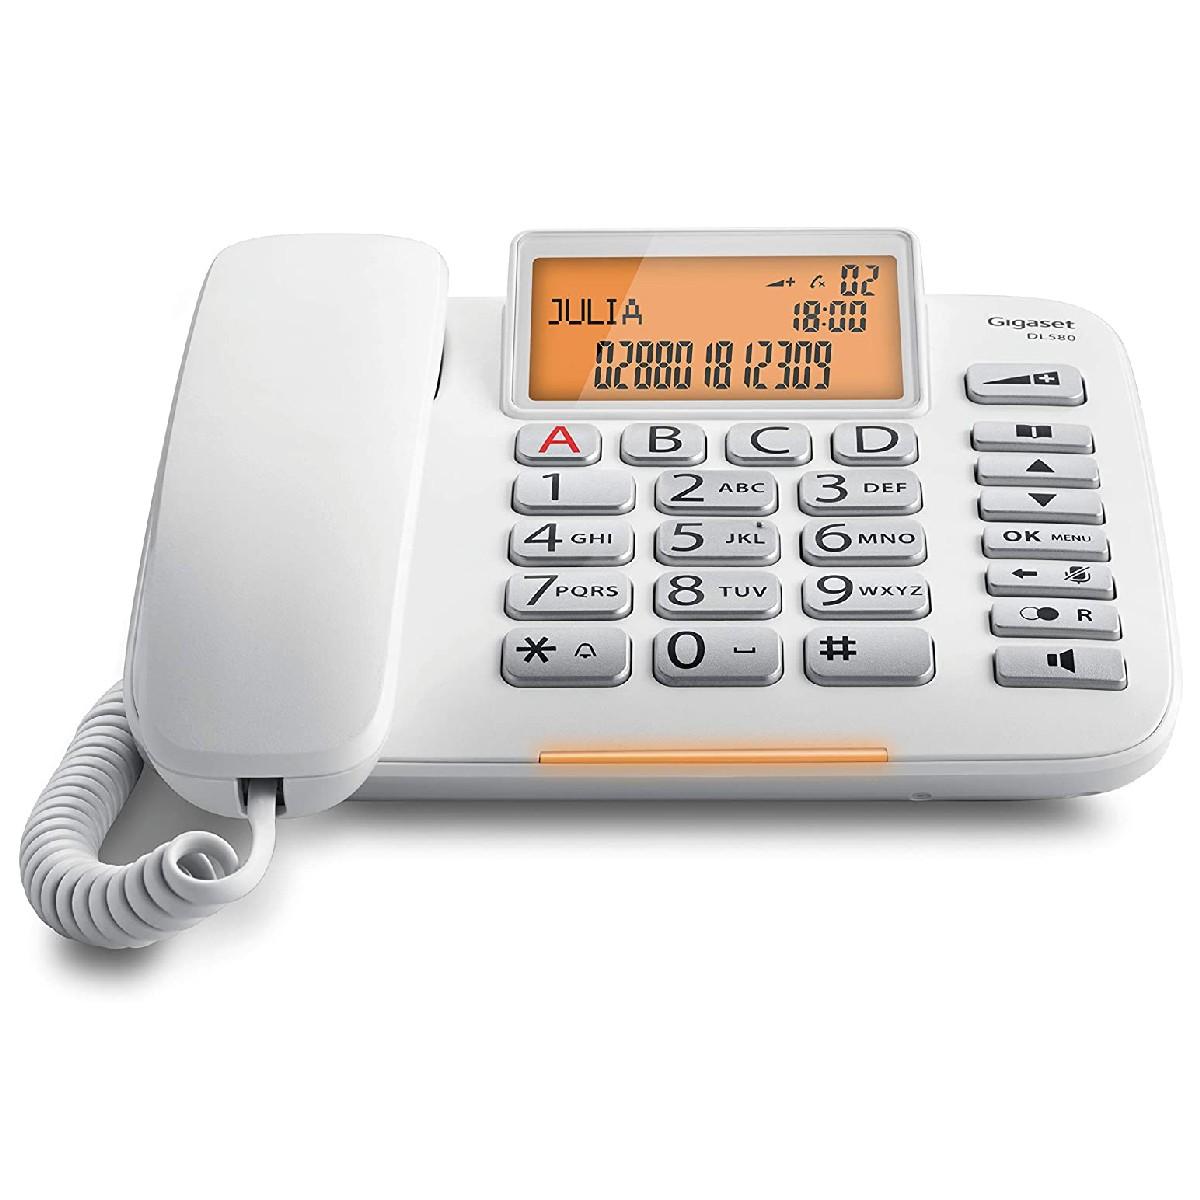 Σταθερό Ψηφιακό Τηλέφωνο Gigaset DL580  Λευκό με Μεγάλη και Ευανάγνωστη Οθόνη S30350-S216-K102